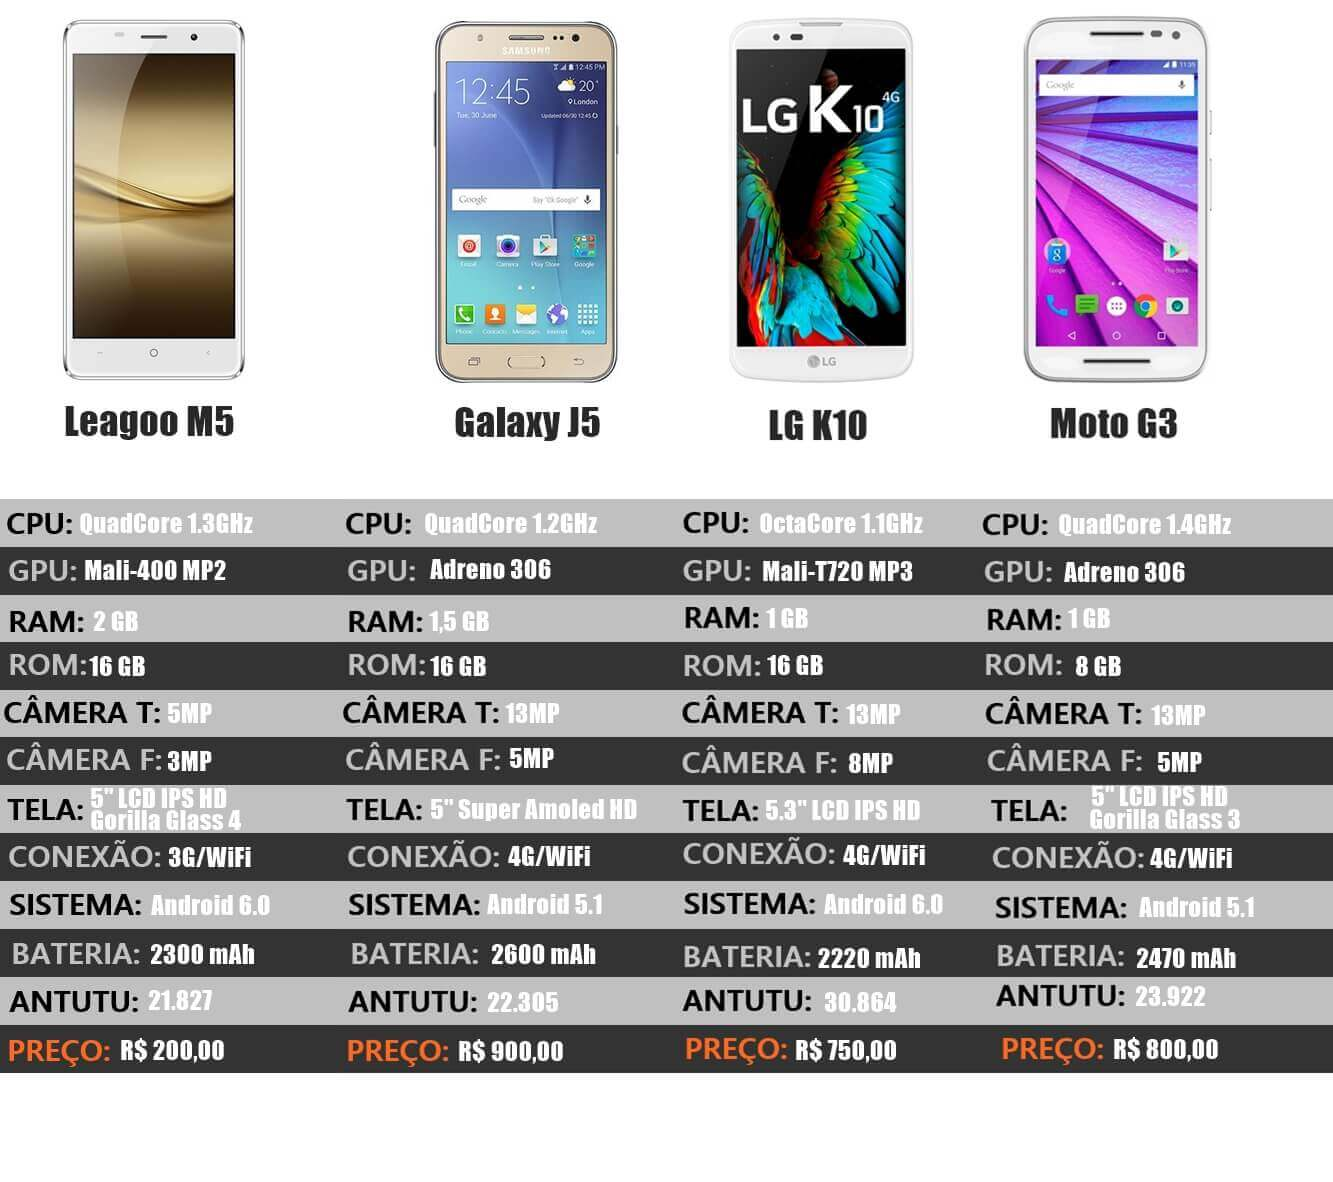 Comparação de hardware e preço entre os intermediários brasileiros e o Leagoo M5